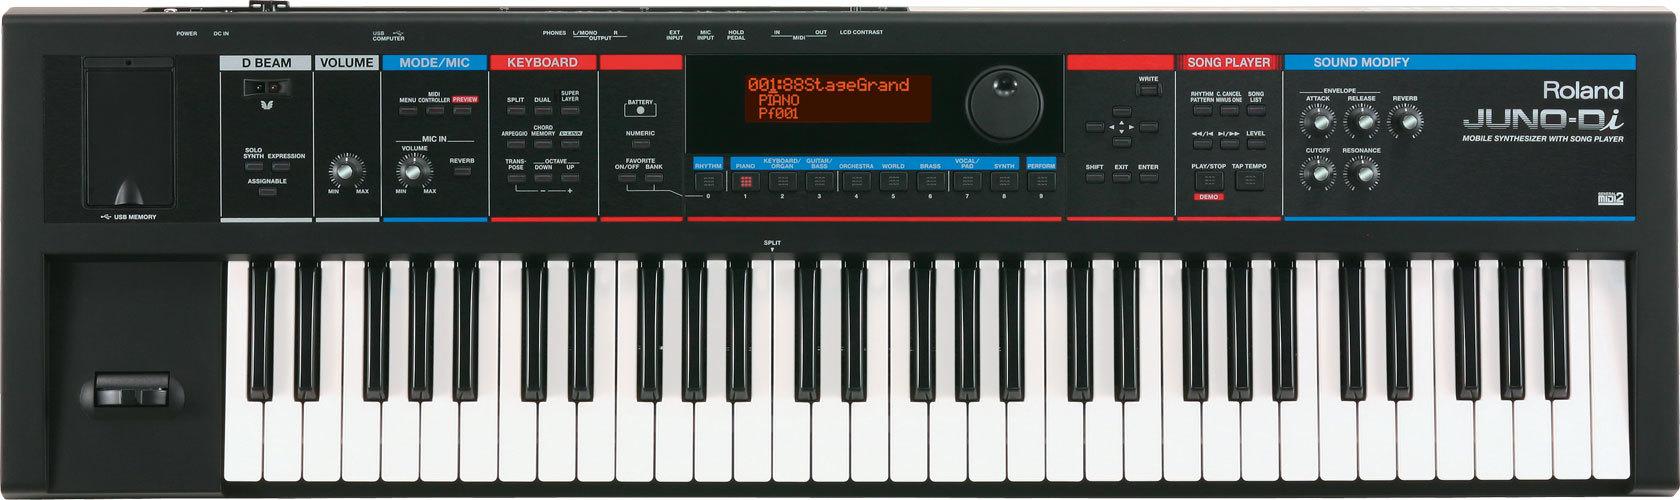 Roland - Juno DI